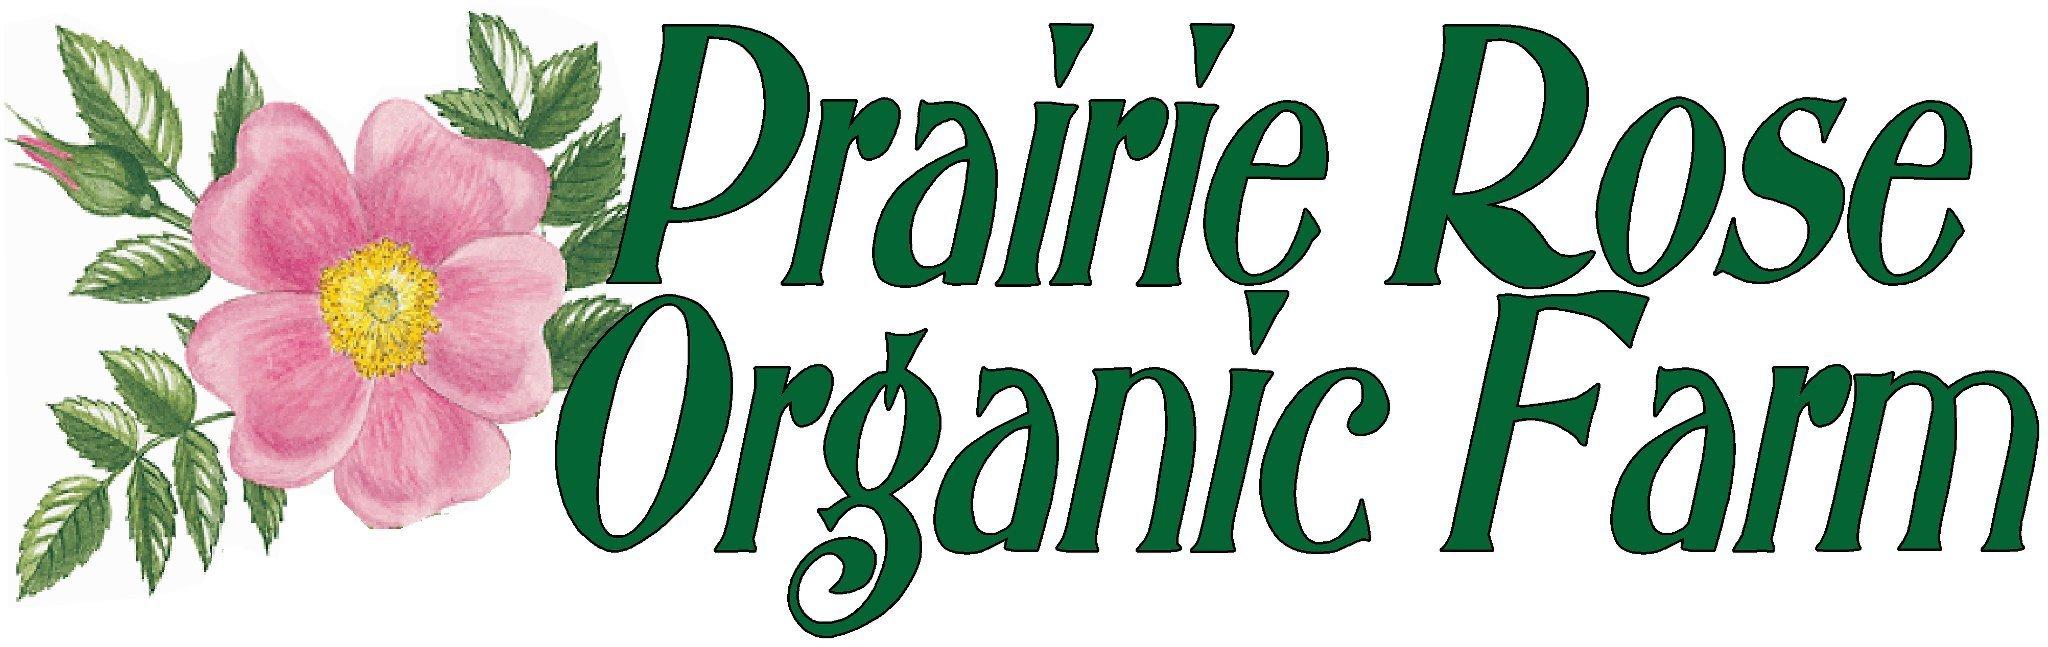 Prairie Rose Organic Chuck/Arm Roast pro6